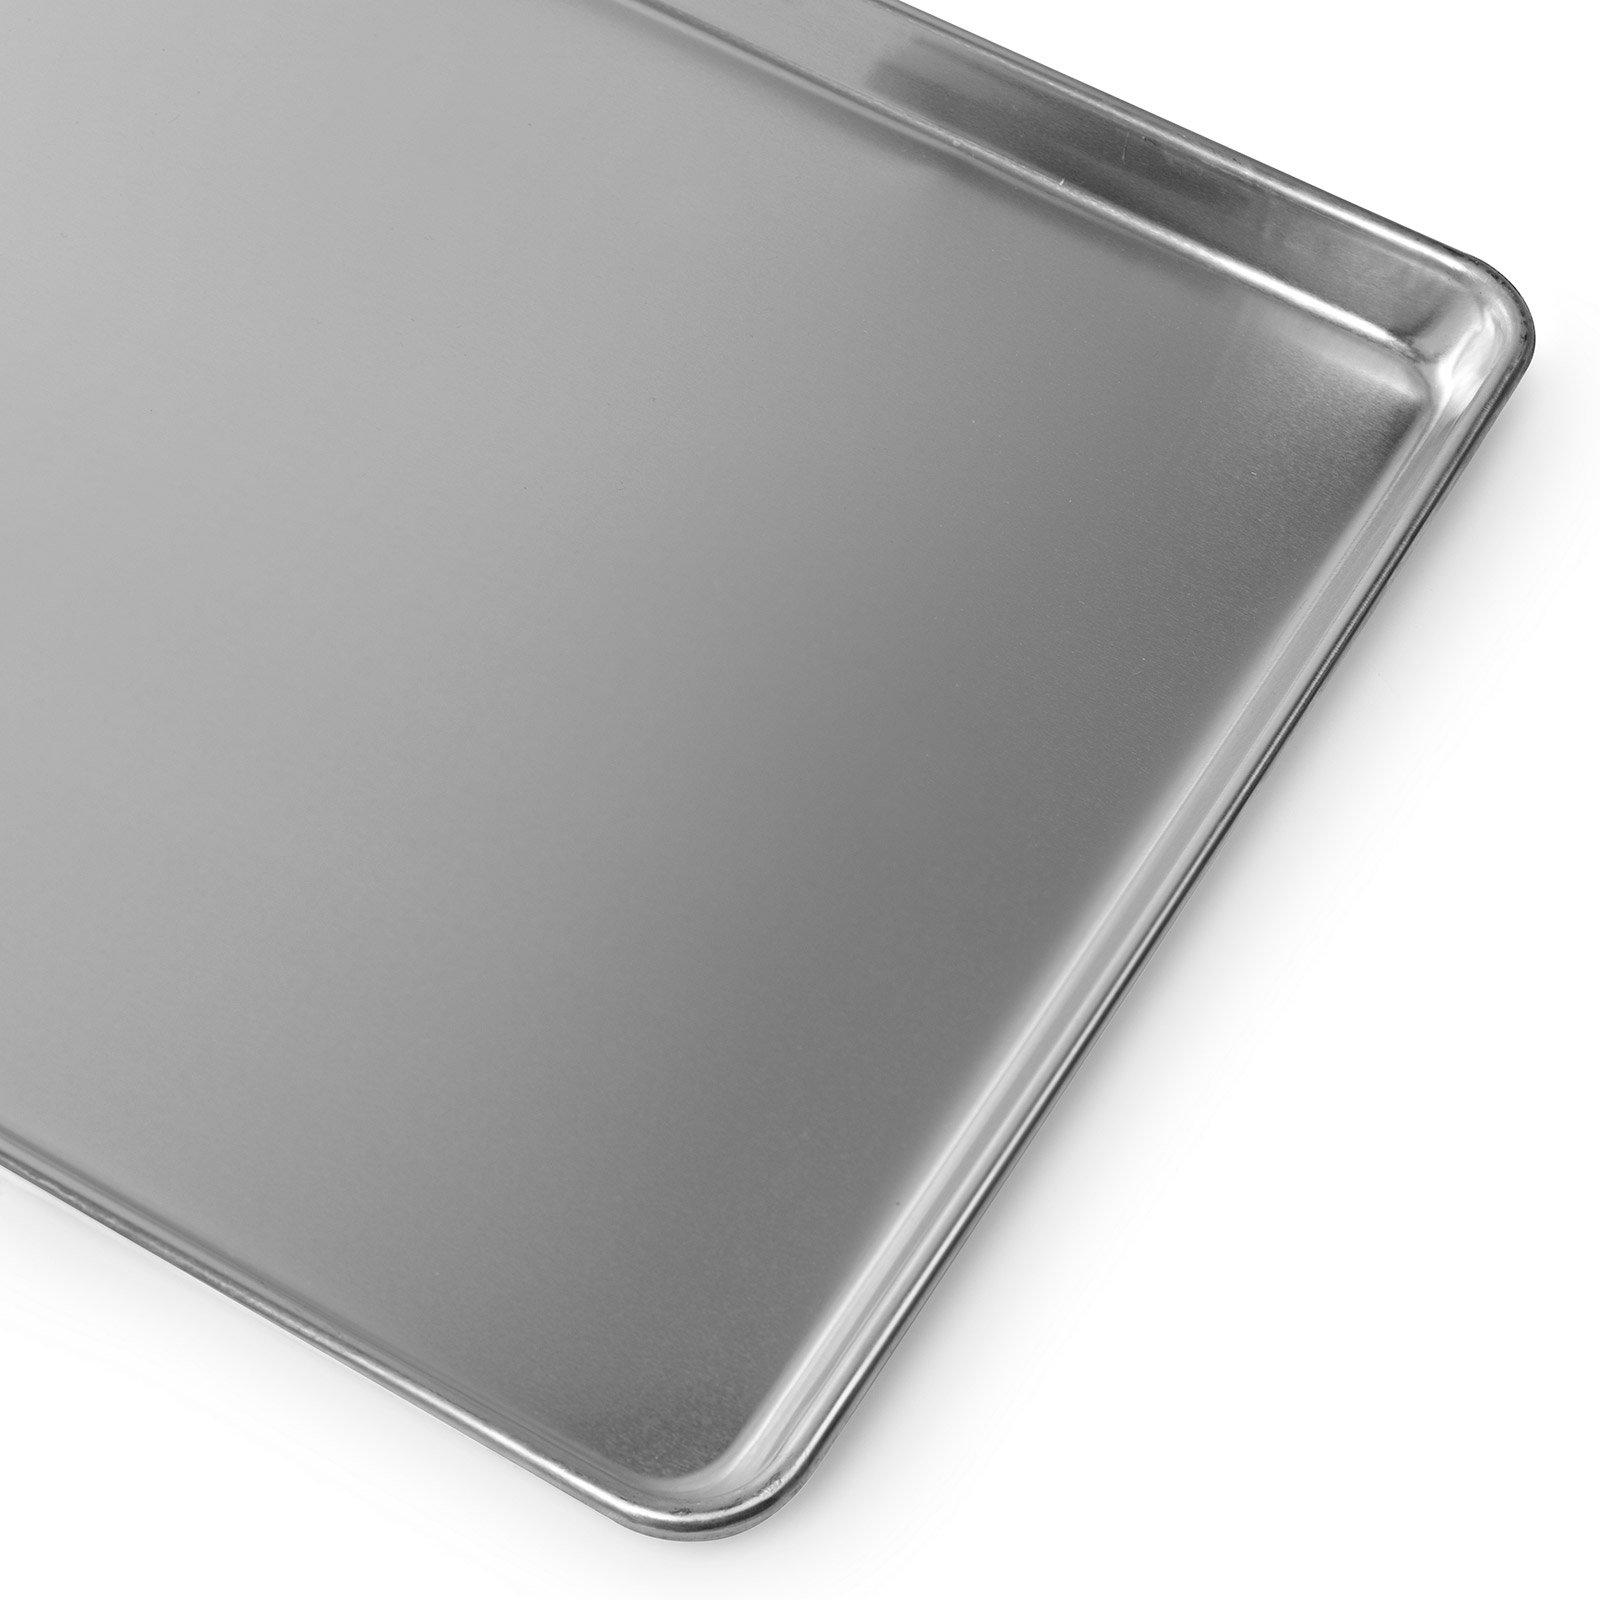 Gridmann 18 x 26 Commercial Grade Aluminium Cookie Sheet Baking Tray Pan Full Sheet - 12 Pans by Gridmann (Image #6)